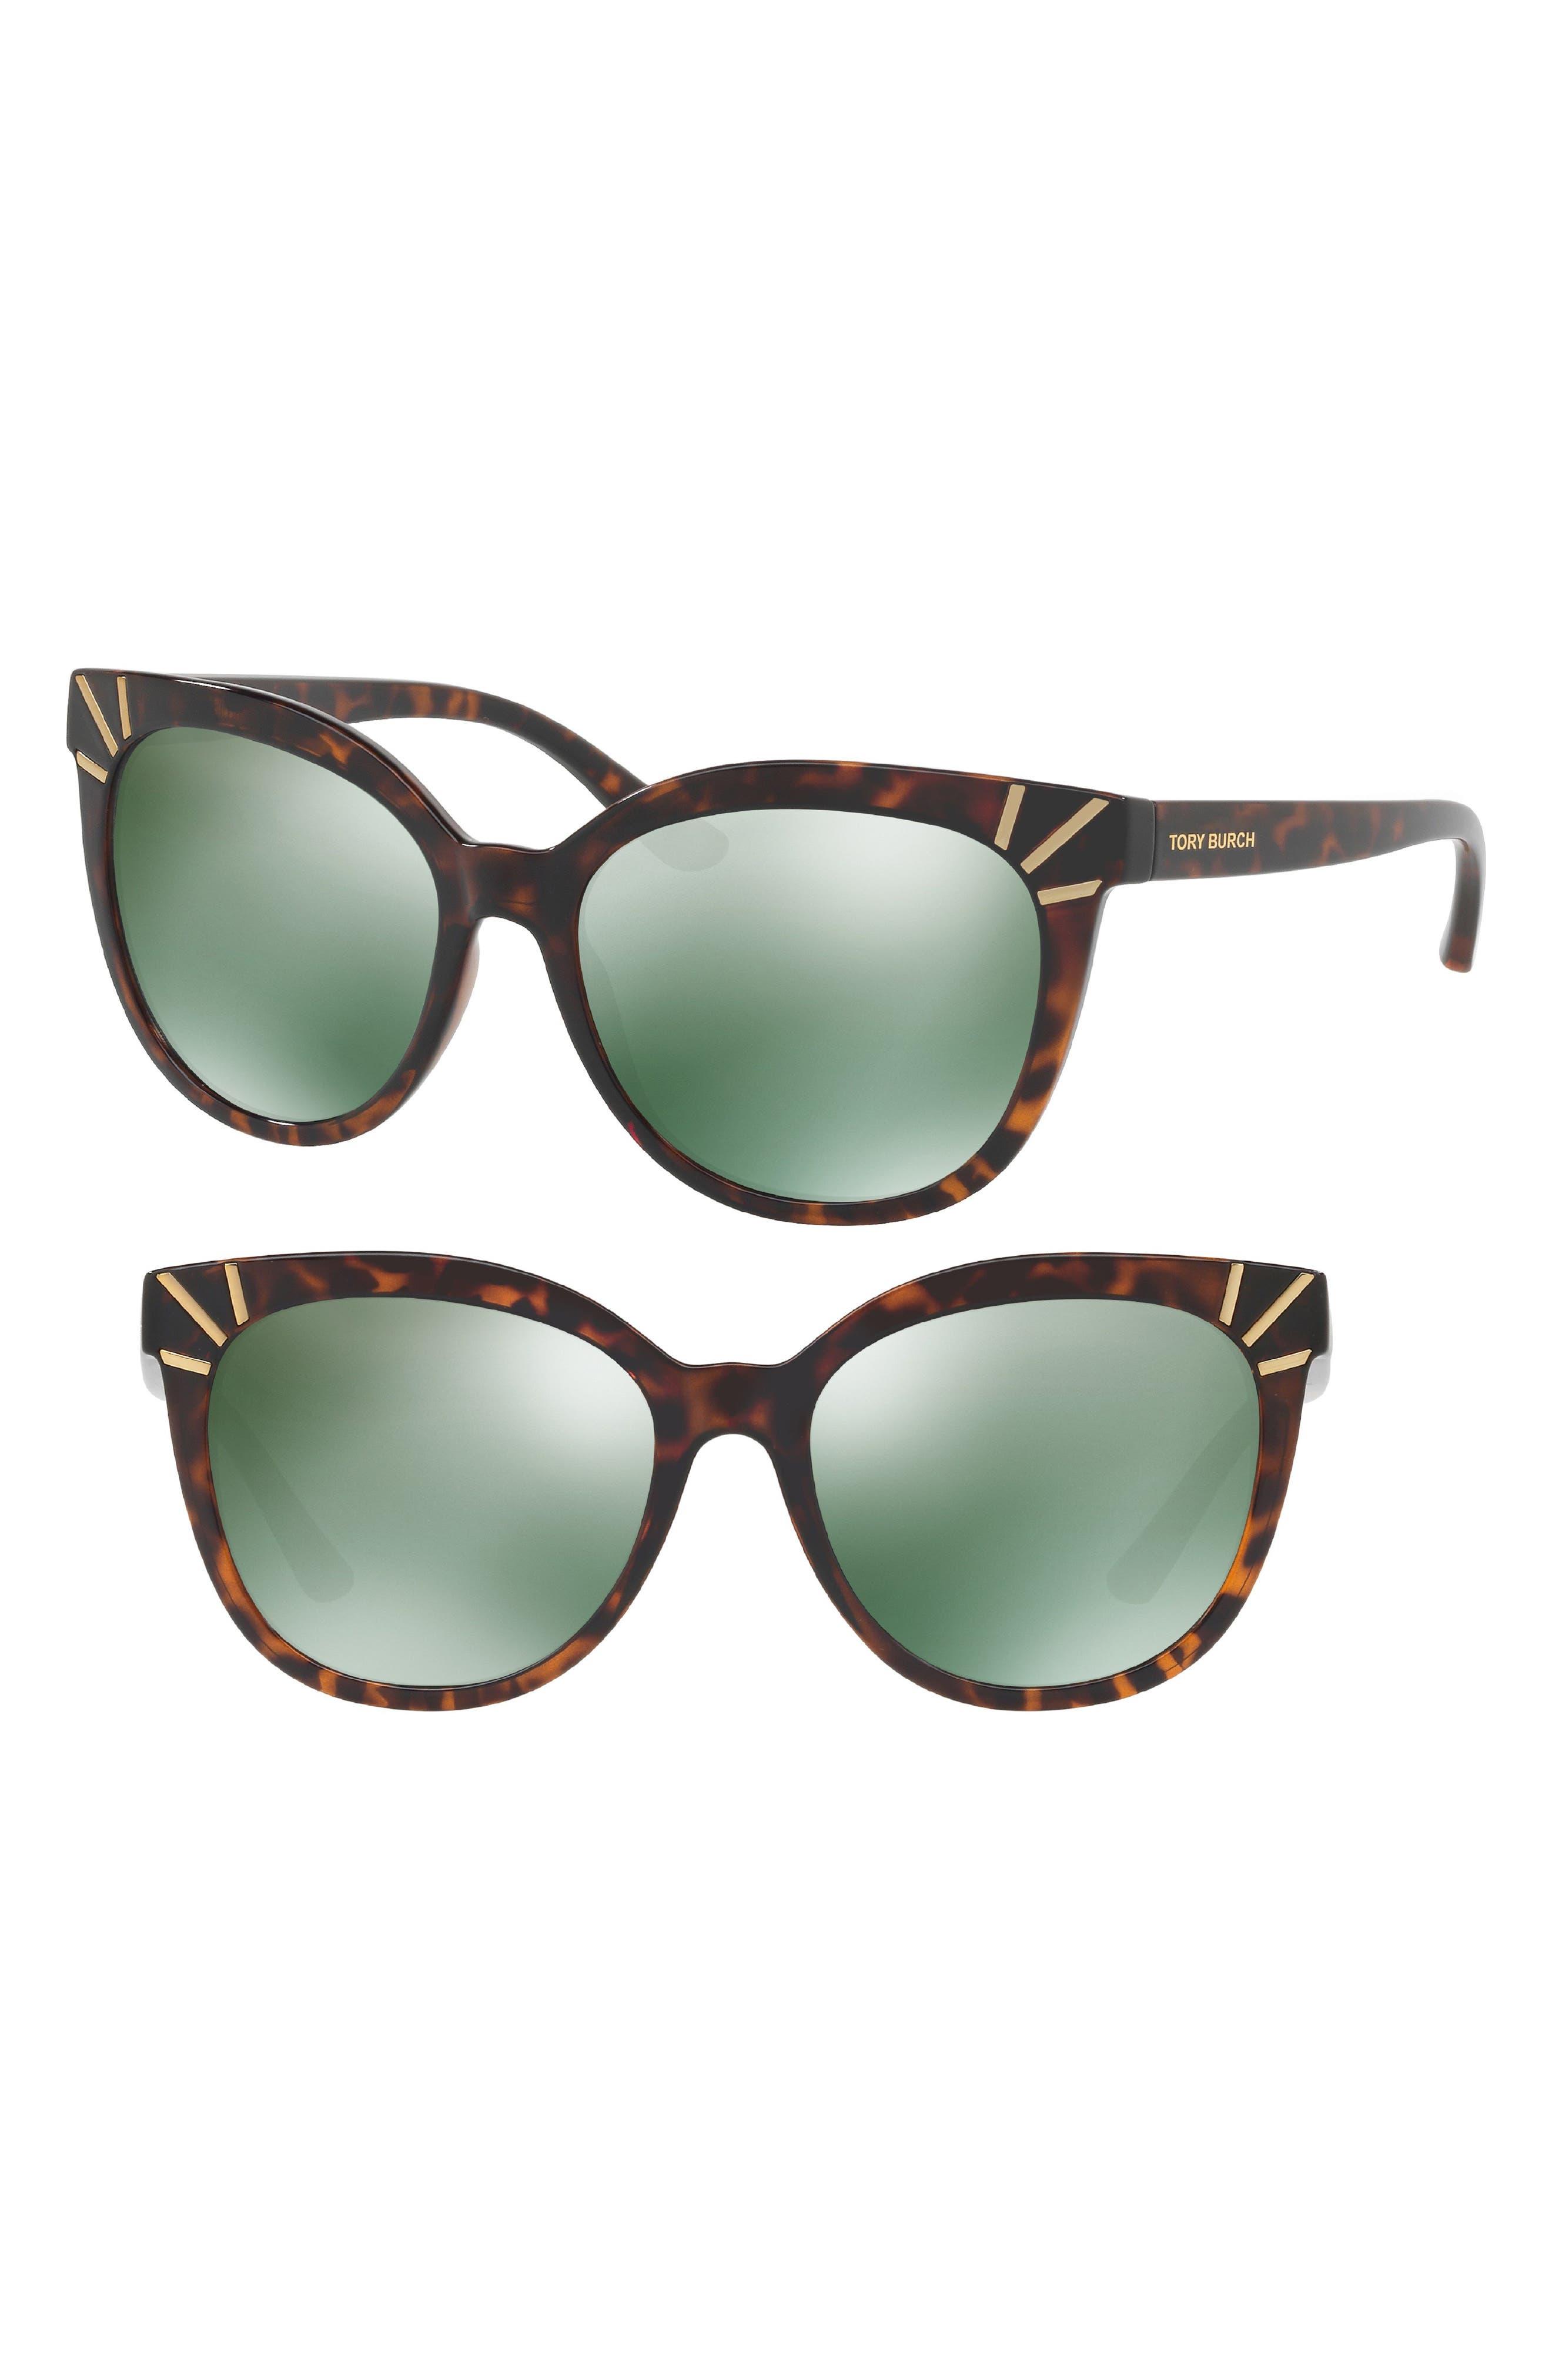 Main Image - Tory Burch 56mm Mirrored Cat Eye Sunglasses